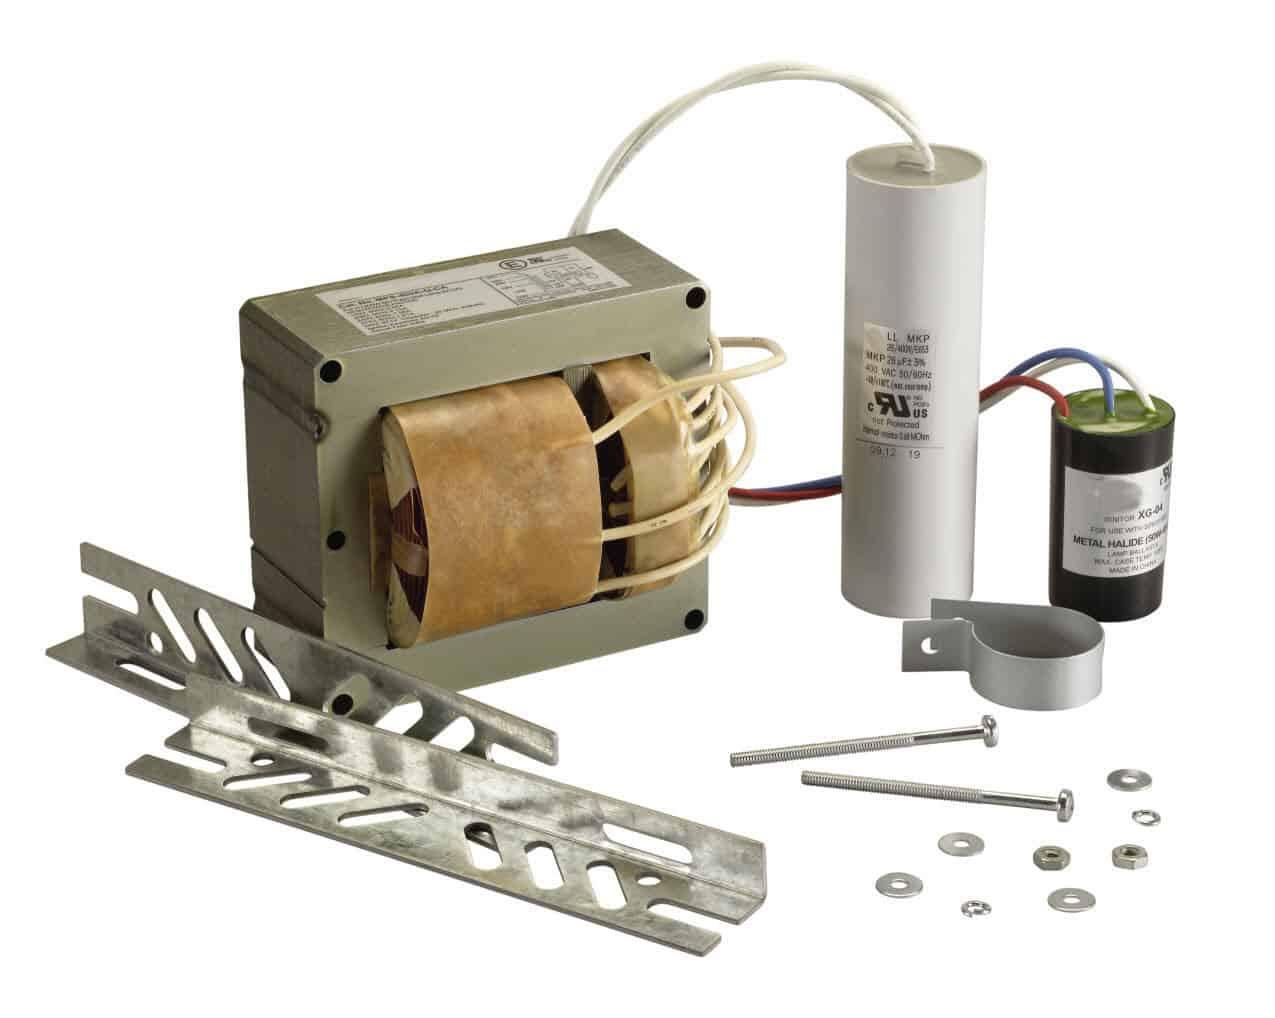 1000w Hps Ballast For High Pressure Sodium Lamp